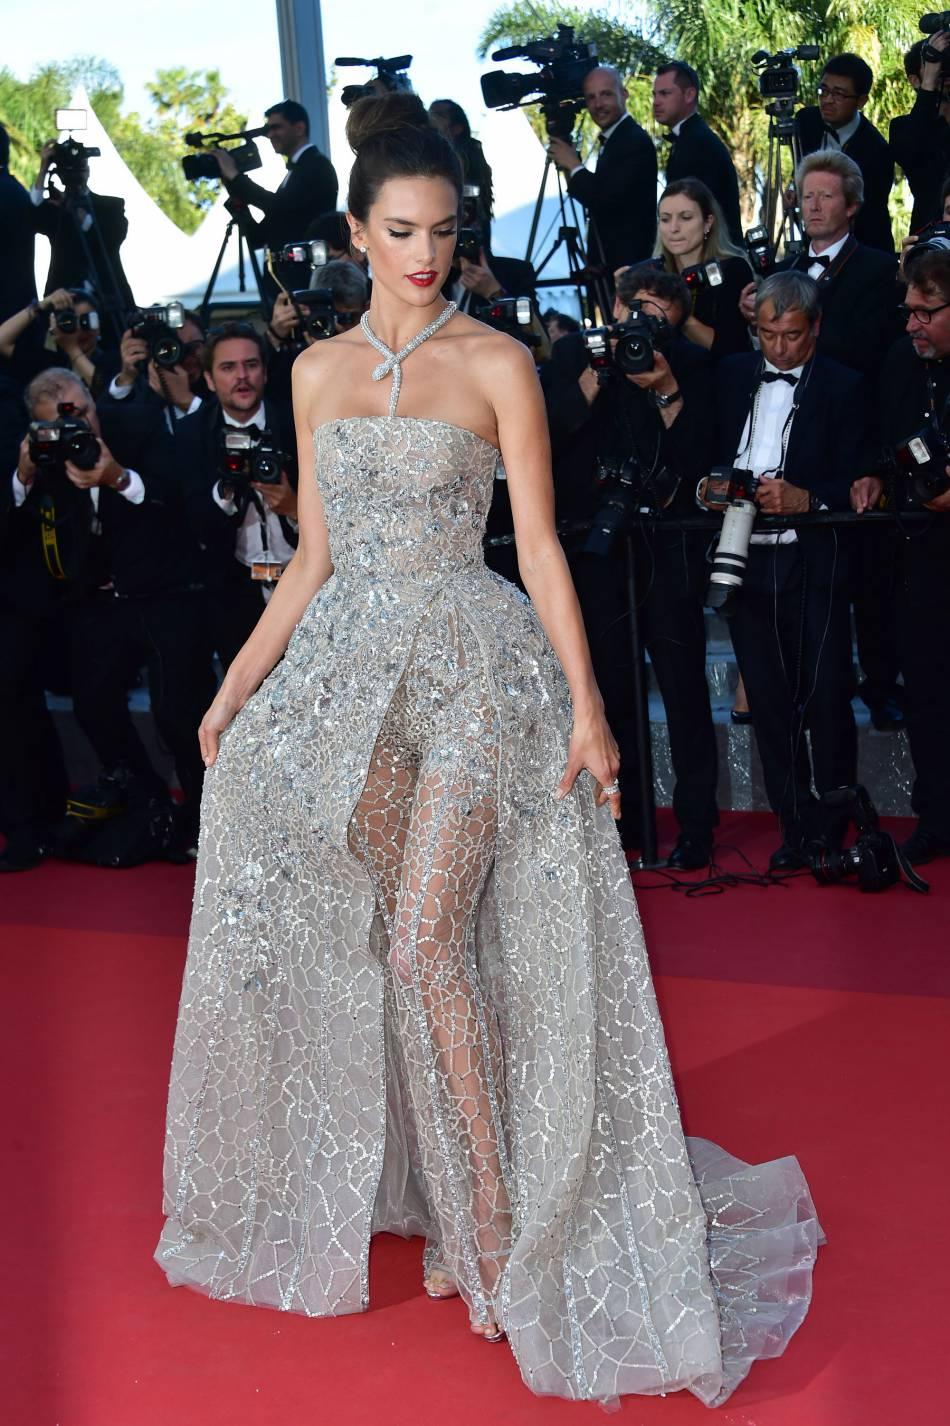 Alessandra Ambrosio éblouit le red carpet avec une robe étincelante et un collier en diamants.